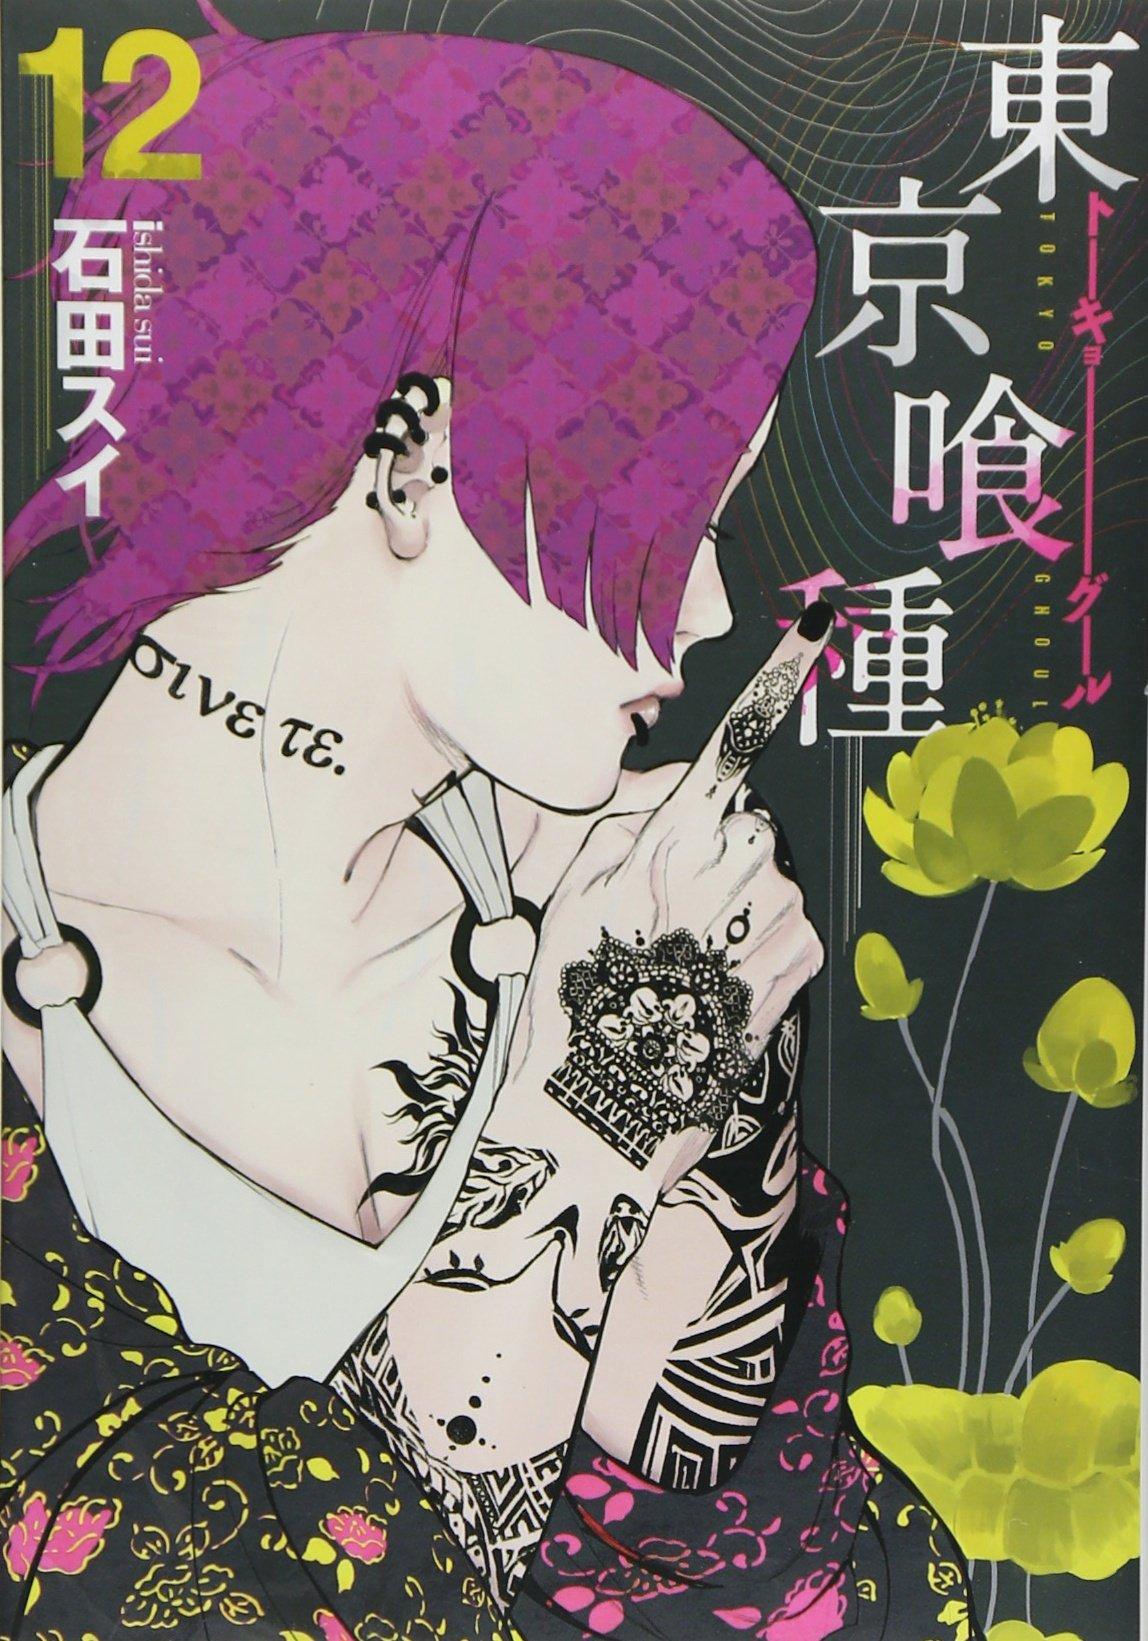 東京喰種トーキョーグール 12 (ヤングジャンプコミックス)   石田 スイ  本   通販   Amazon